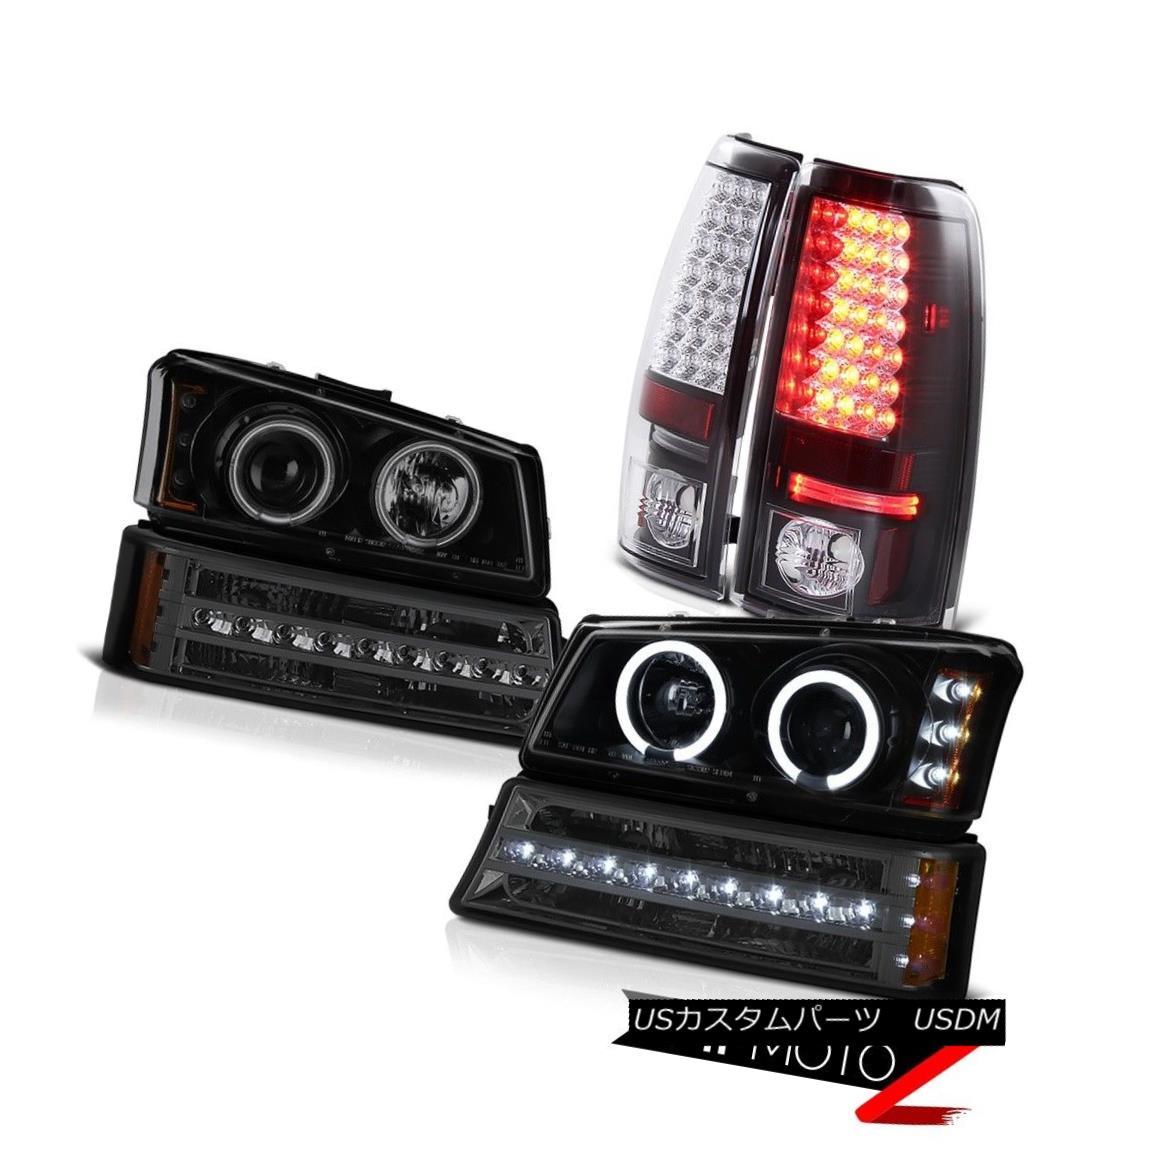 テールライト 03-06 Silverado Taillights titanium smoke signal light projector headlamps LED 03-06 Silveradoテールライトチタン煙信号プロジェクターヘッドライトLED